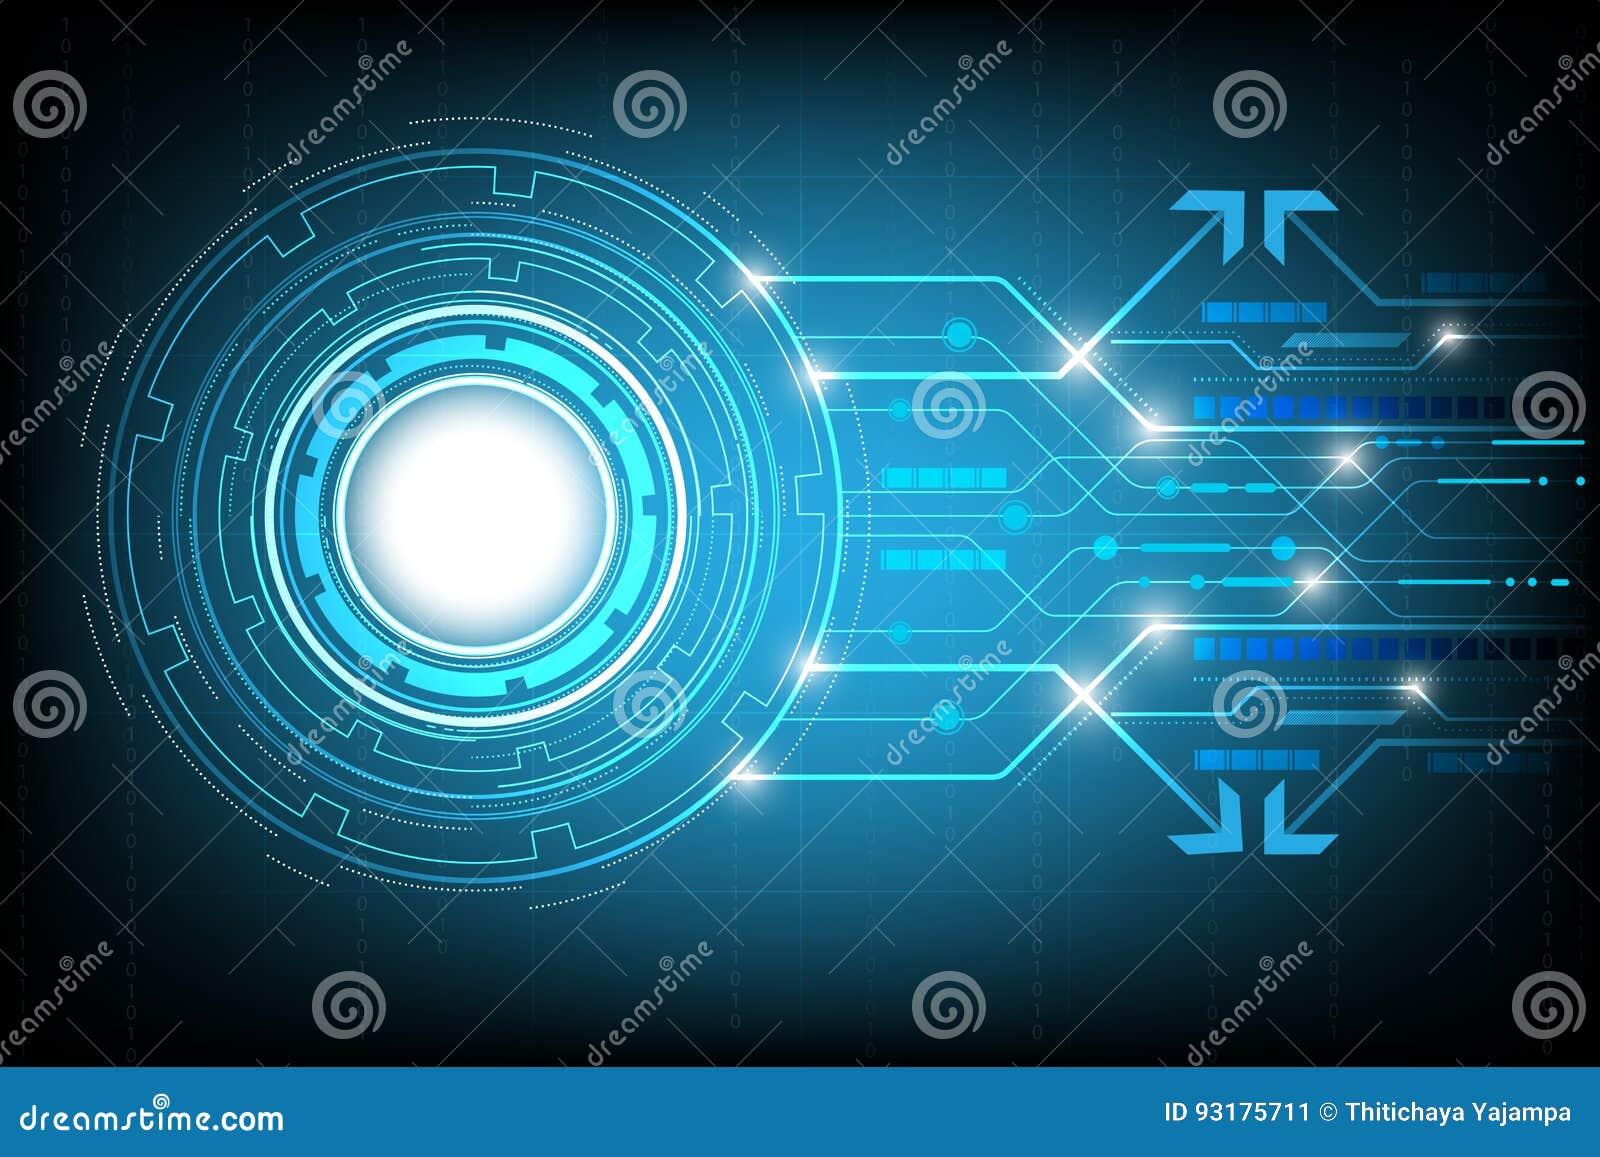 Circondi il vettore astratto del fondo di ciao-tecnologia, affare digitale con i vari elementi tecnologici